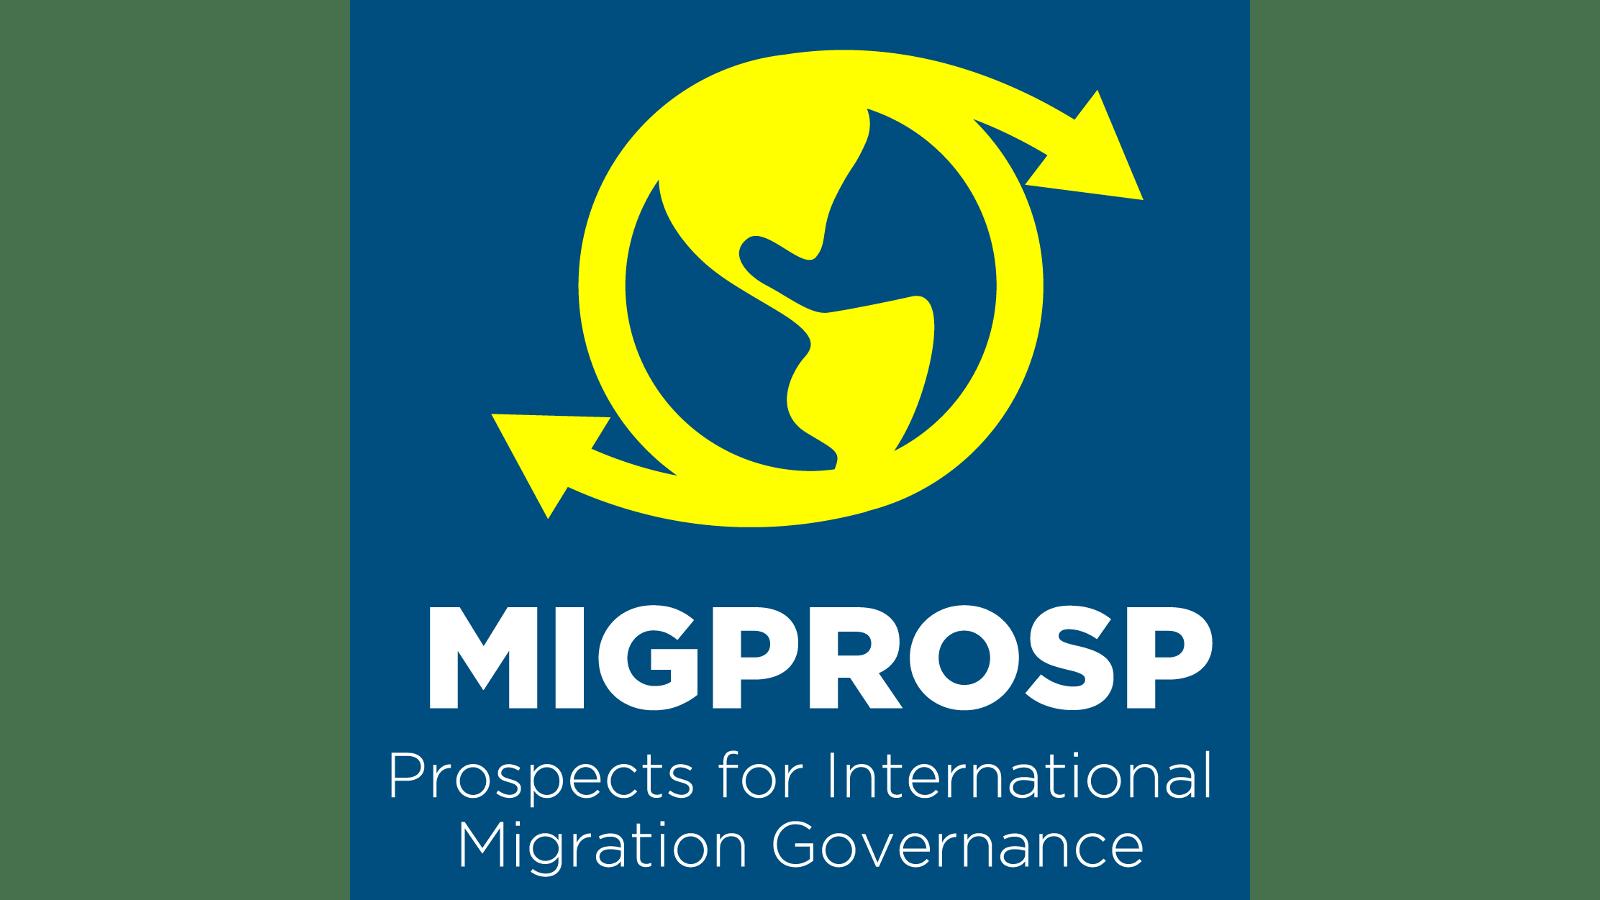 MIGRPROSP_logo